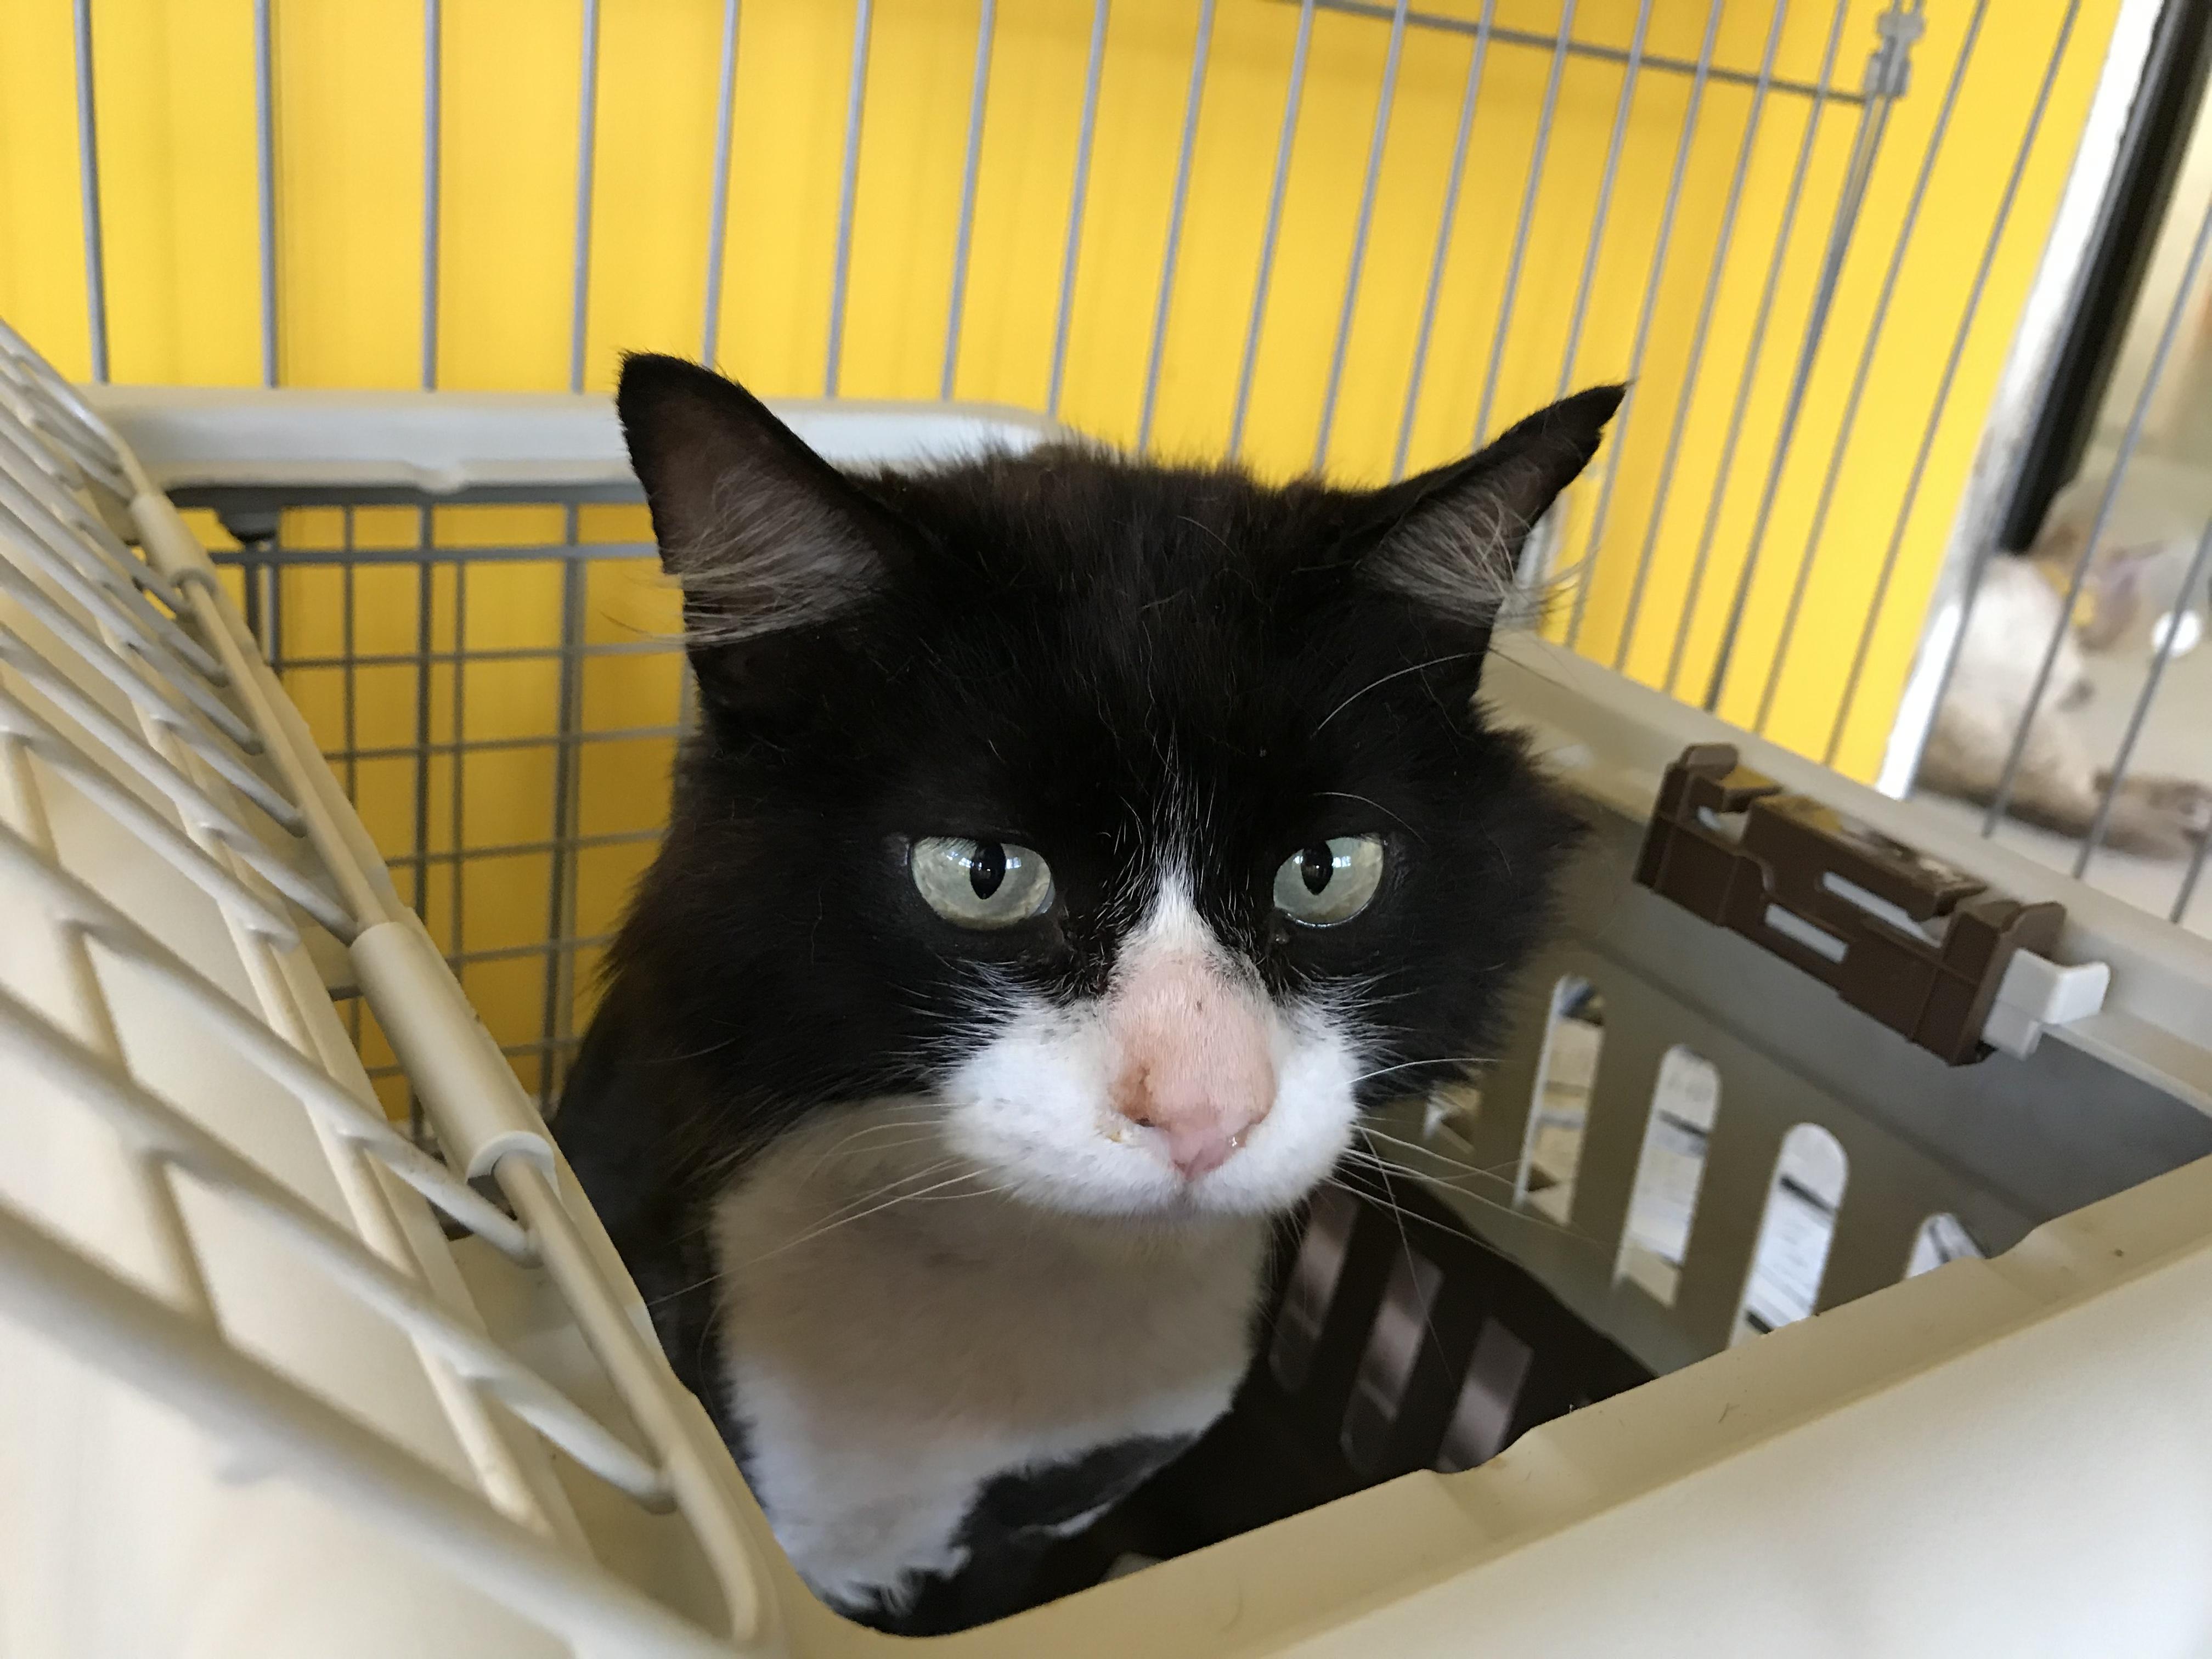 <p></p> <ul> <li>猫種:日本猫 黒白</li> <li>性別:男の子</li> <li>名前:ロム</li> <li>年齢:3~4歳</li> <li>保護経緯:駐車場で迷っていたのを保護し、センターへ連れてこられました</li> </ul>